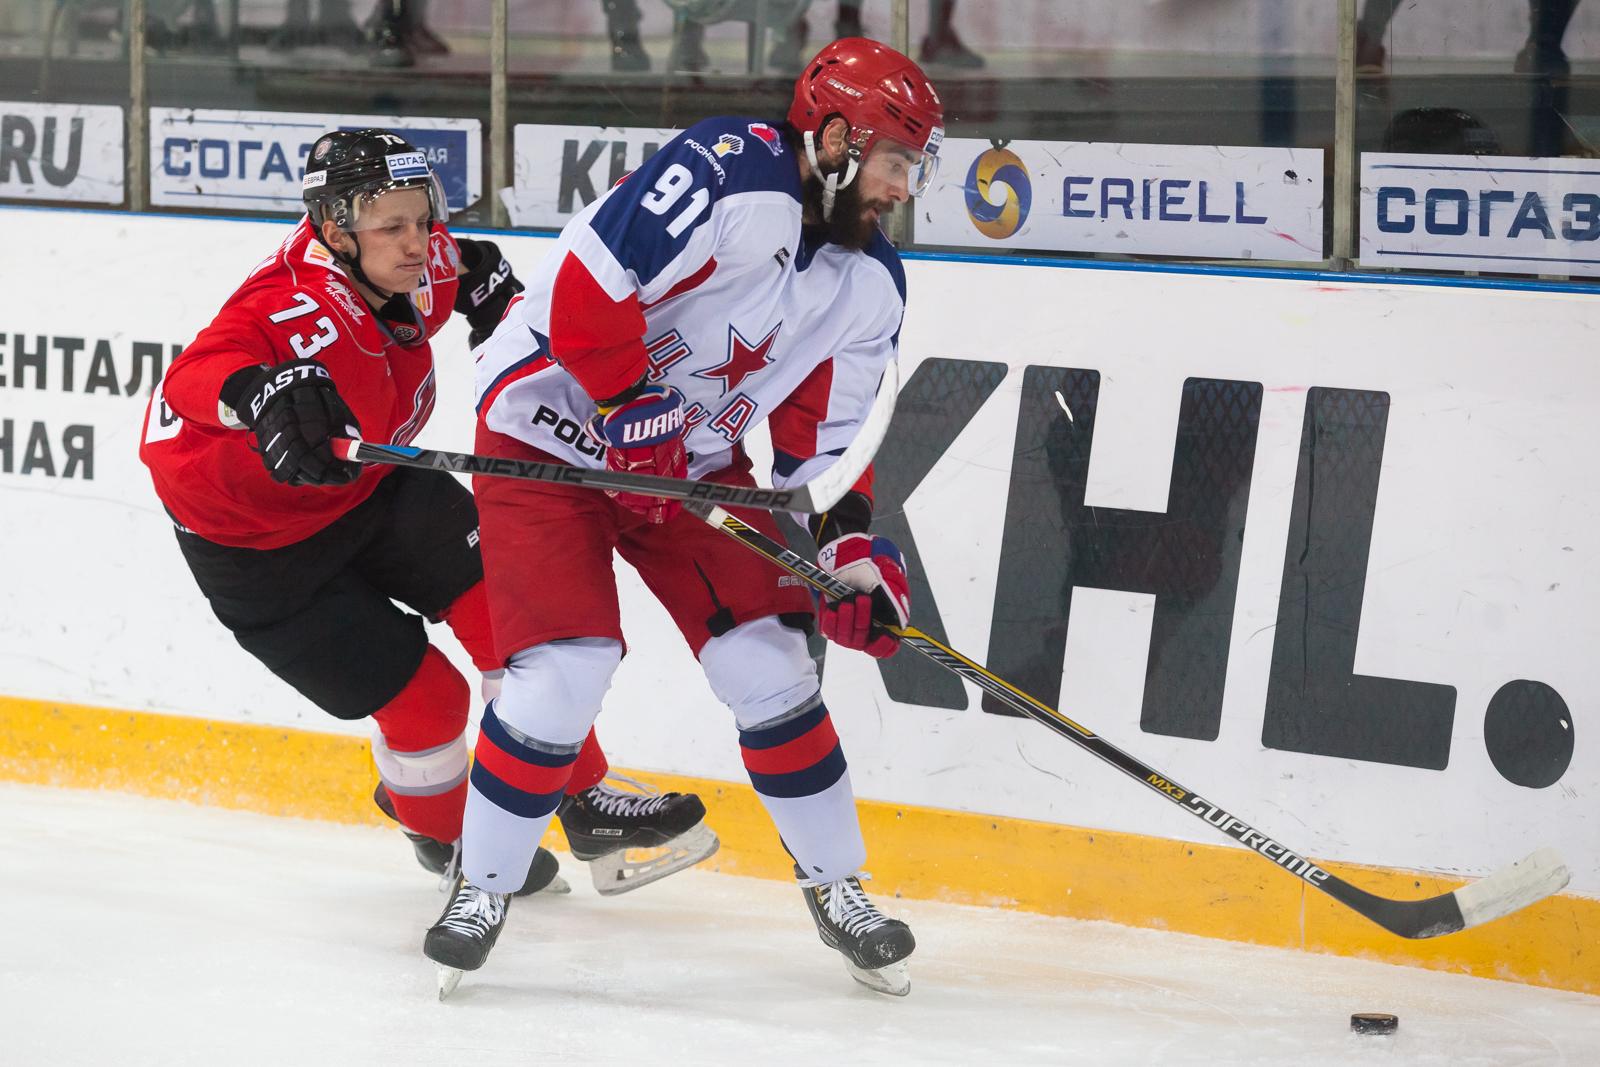 ЦСКА победил навыезде новокузнецкий «Металлург» вматче стабильного чемпионата КХЛ